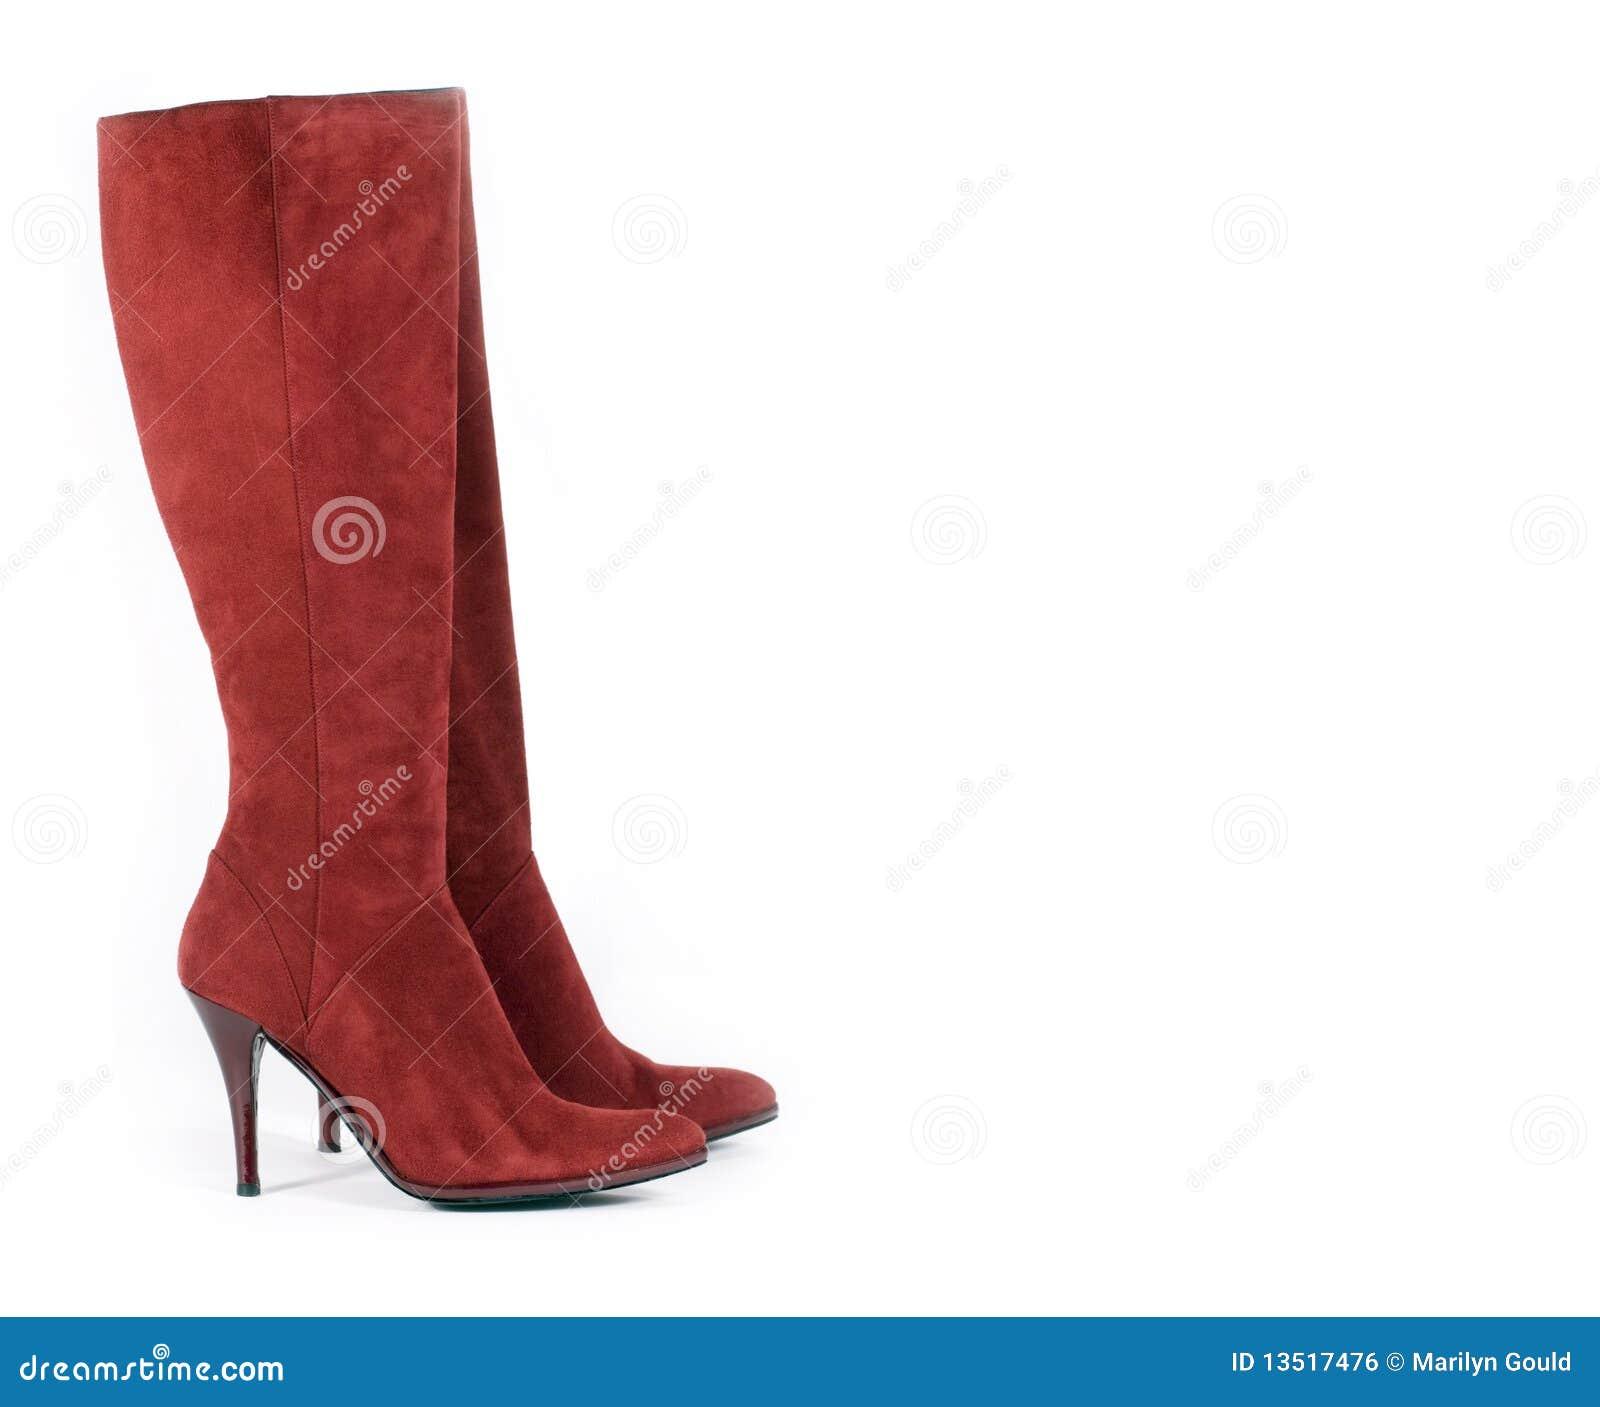 25d9836ea8f Ψηλές κόκκινες μπότες σουέτ Στοκ Εικόνες - εικόνα από απομονωμένος ...